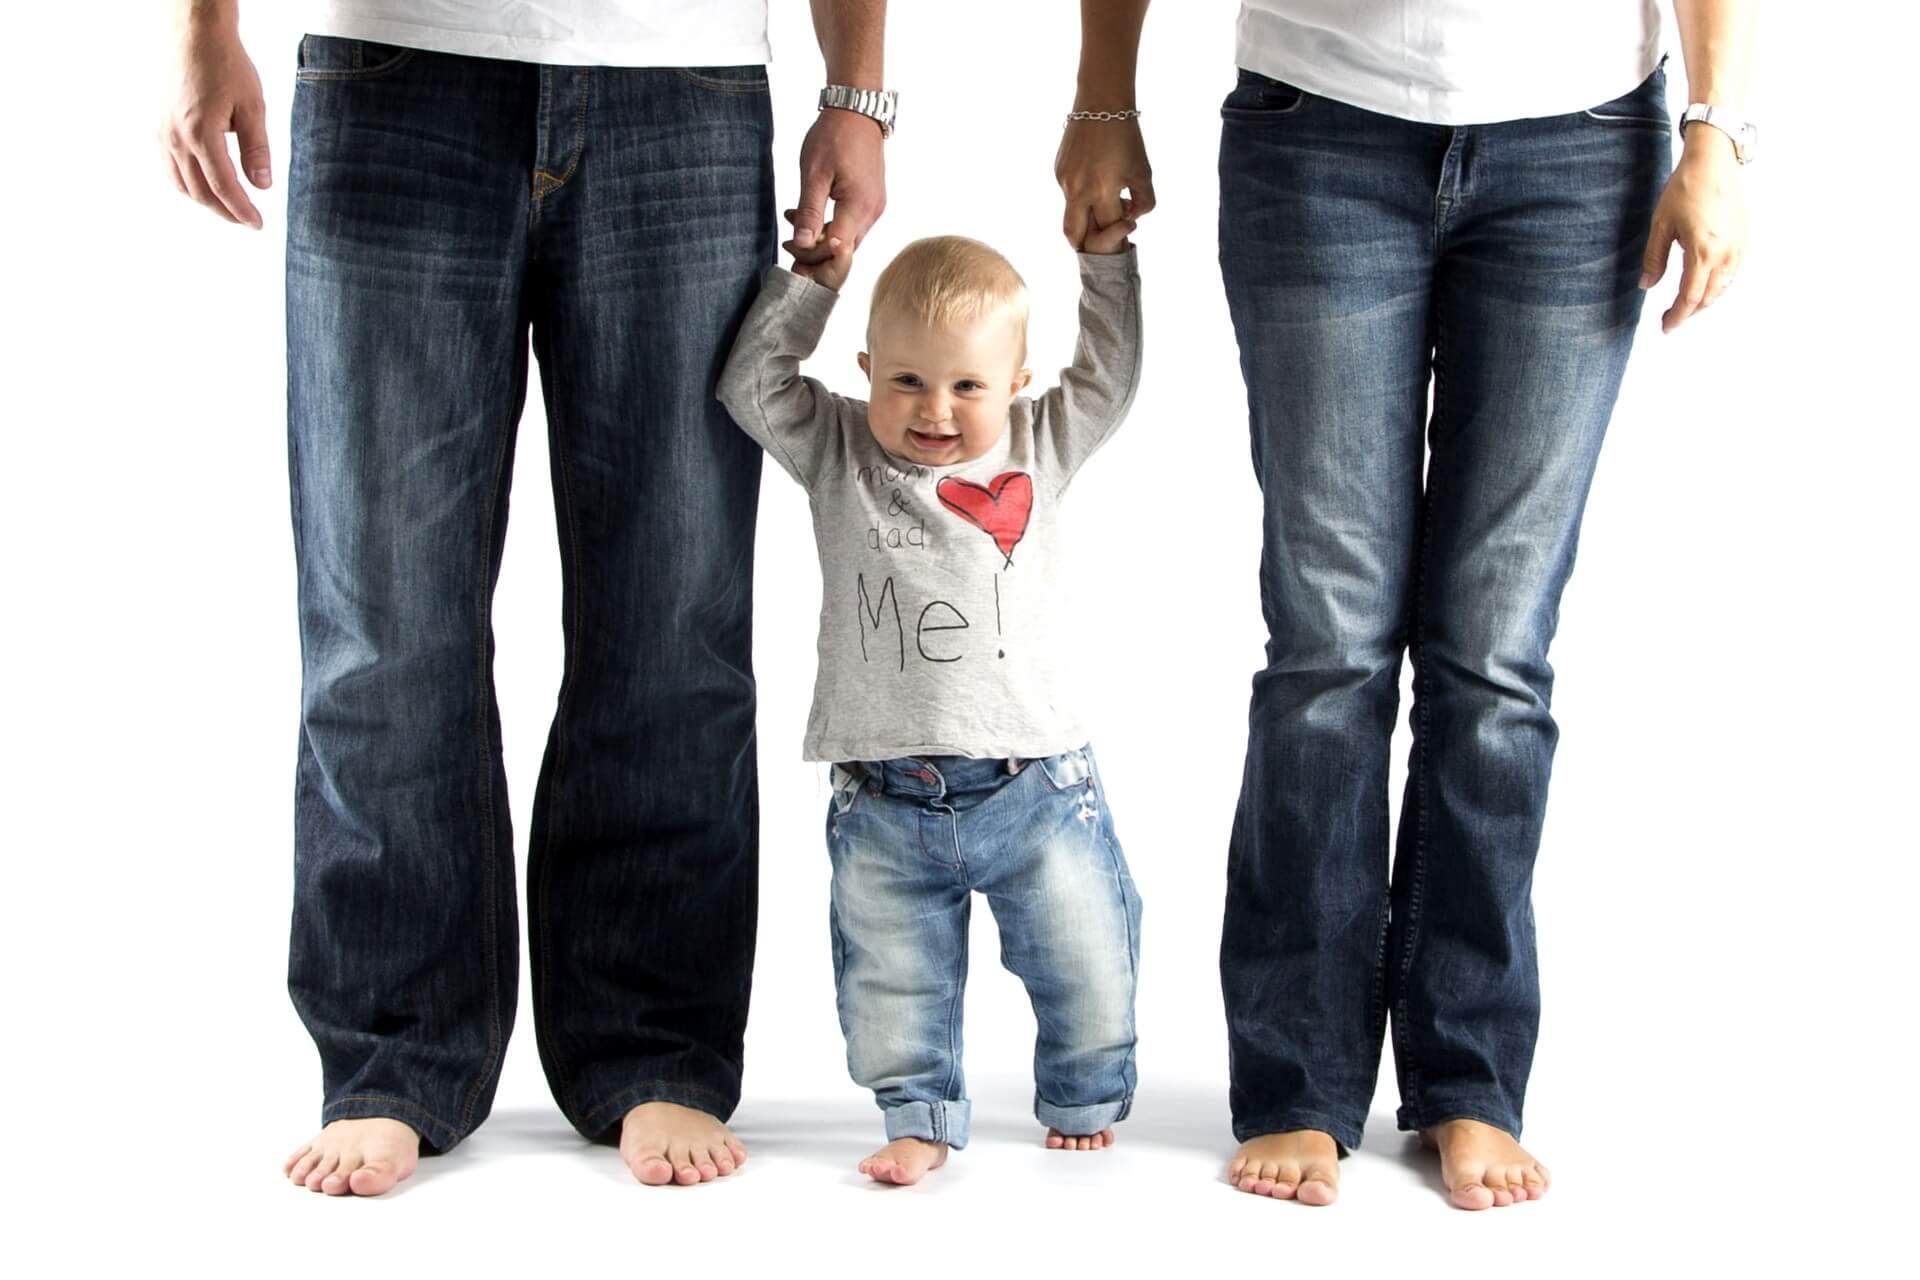 הורים ותינוק - התקנת מערכת בית חכם